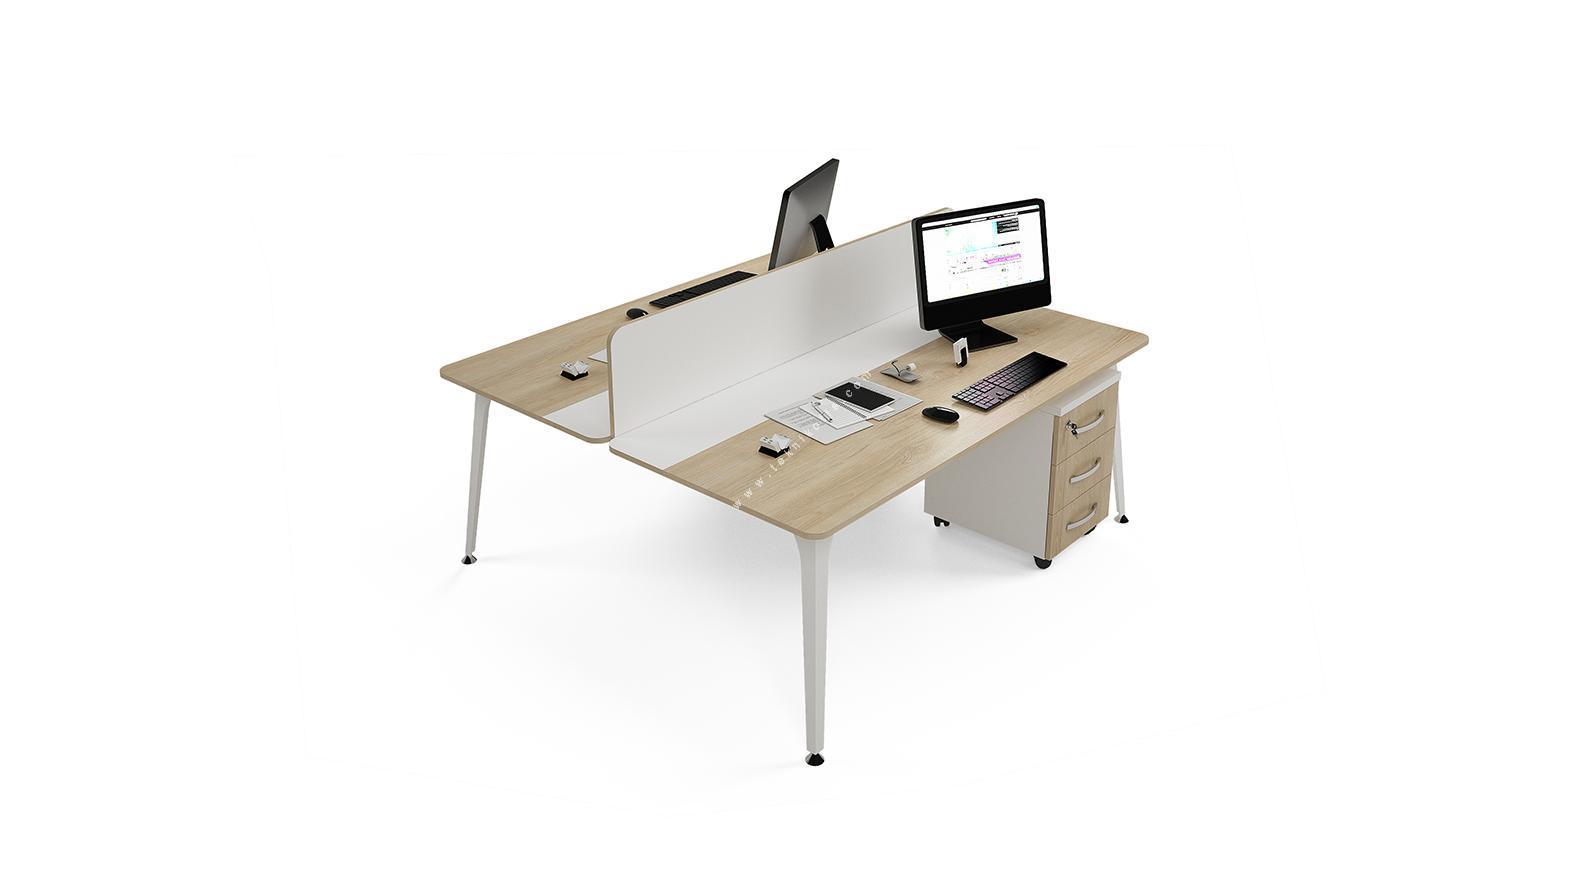 centrawork melamin seperatörlü ikili çalışma masası 140cm